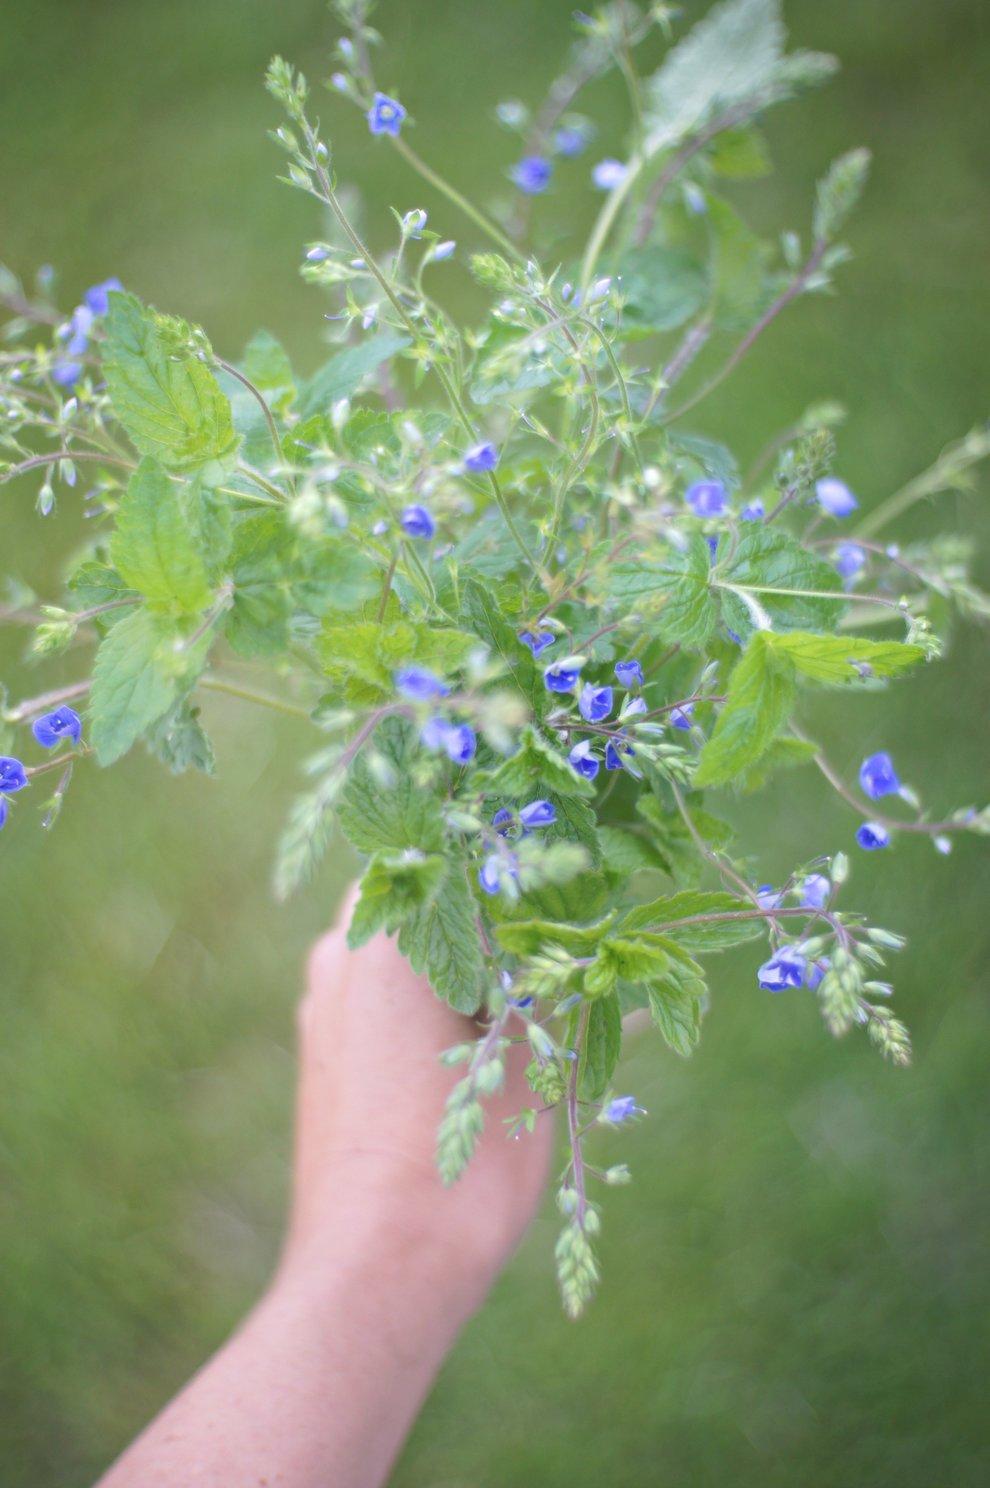 Wild_flower_bouquet